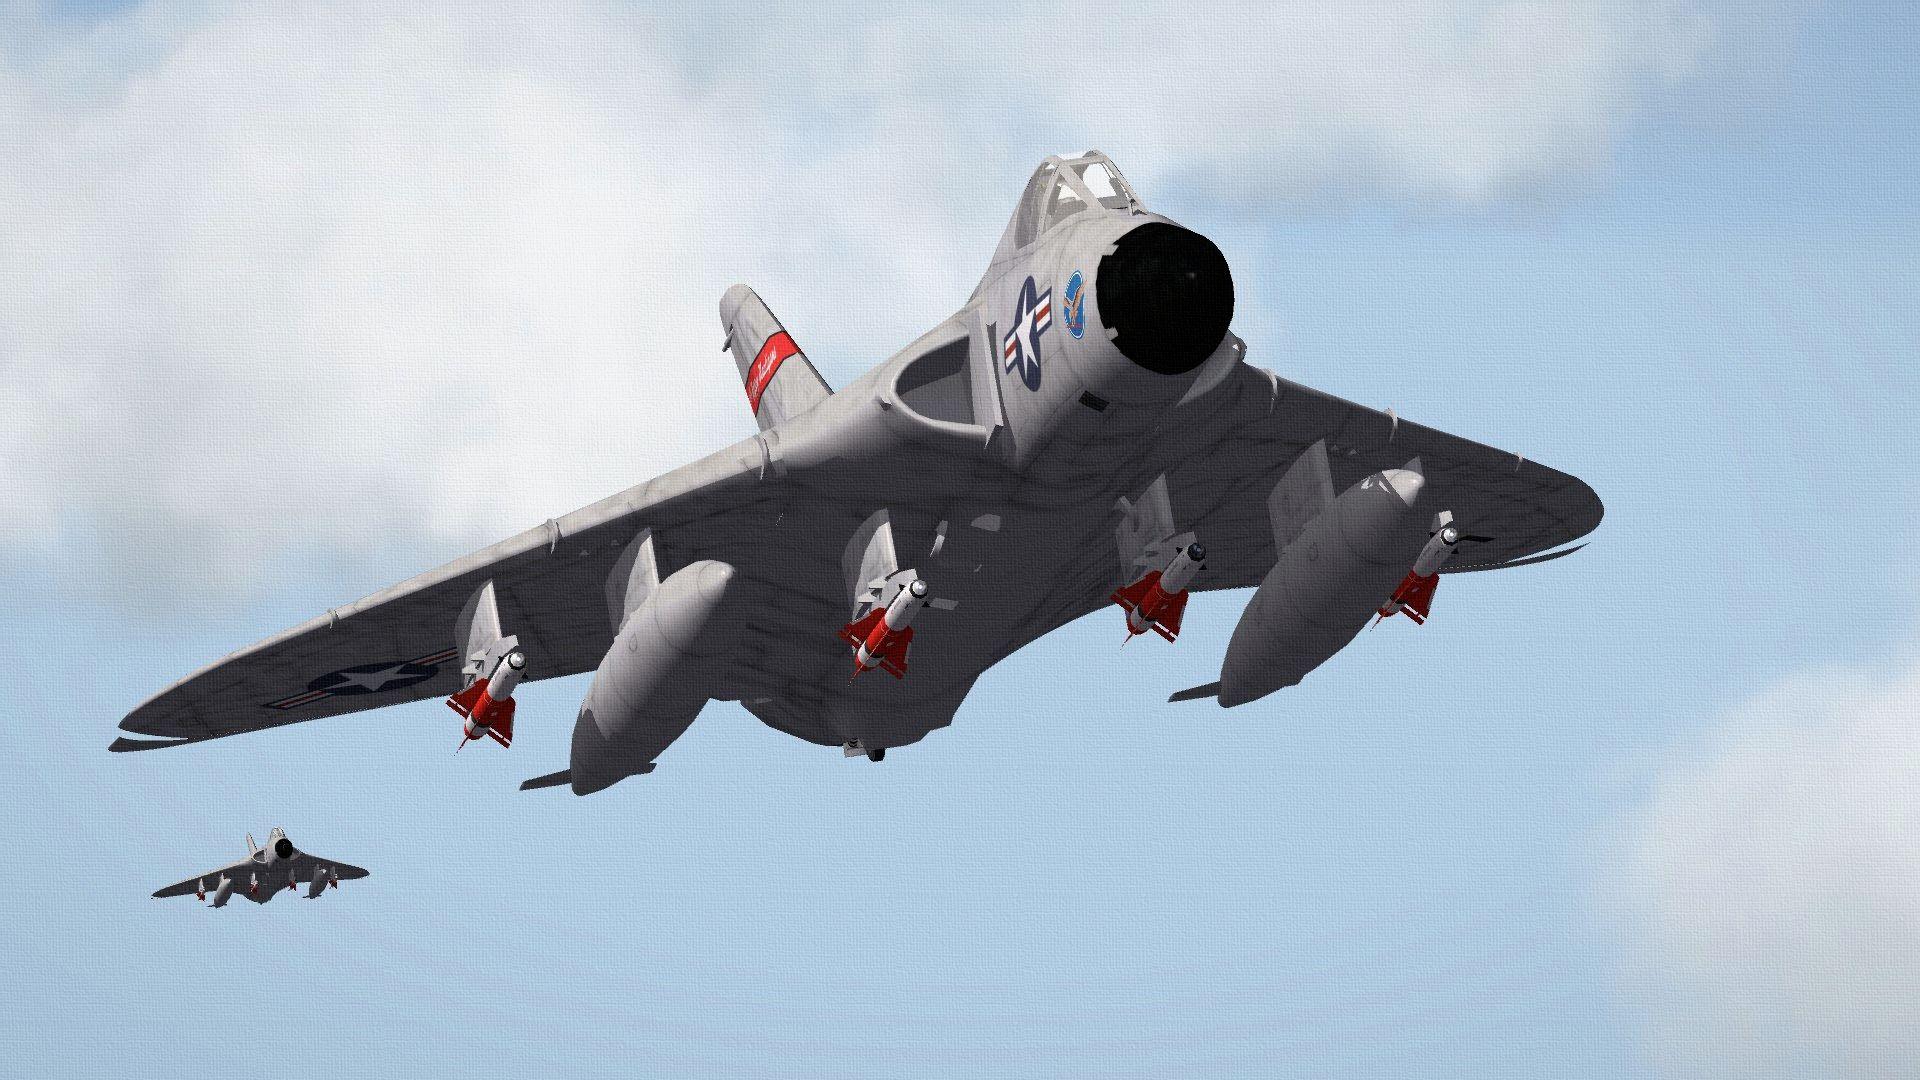 USAFF-6CSKYRAY03_zps9105dcad.jpg